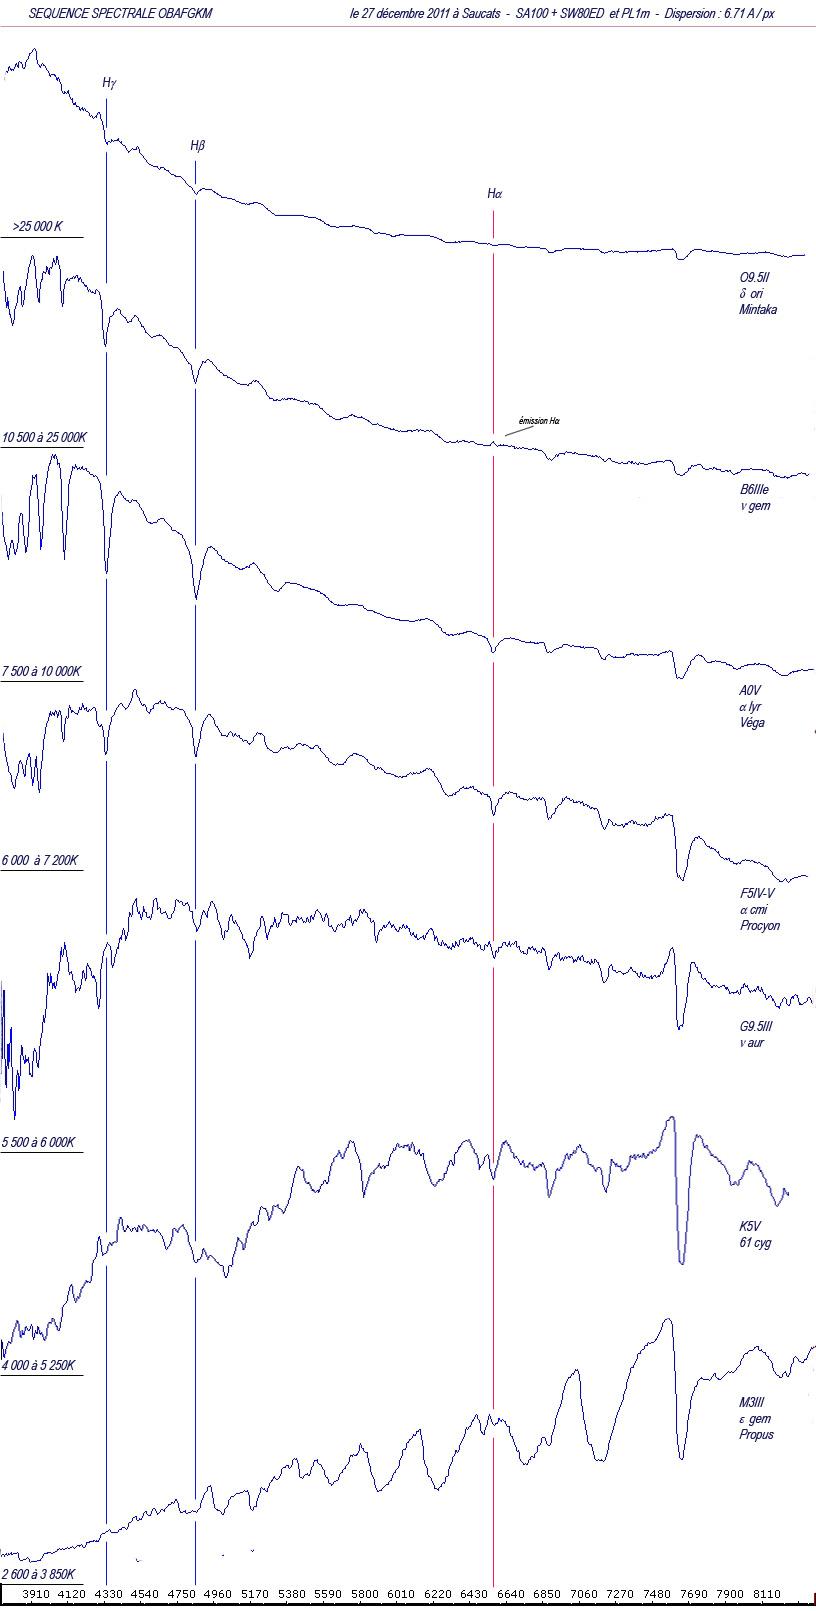 Premiers pas en Spectrographie  - Page 2 Profil10